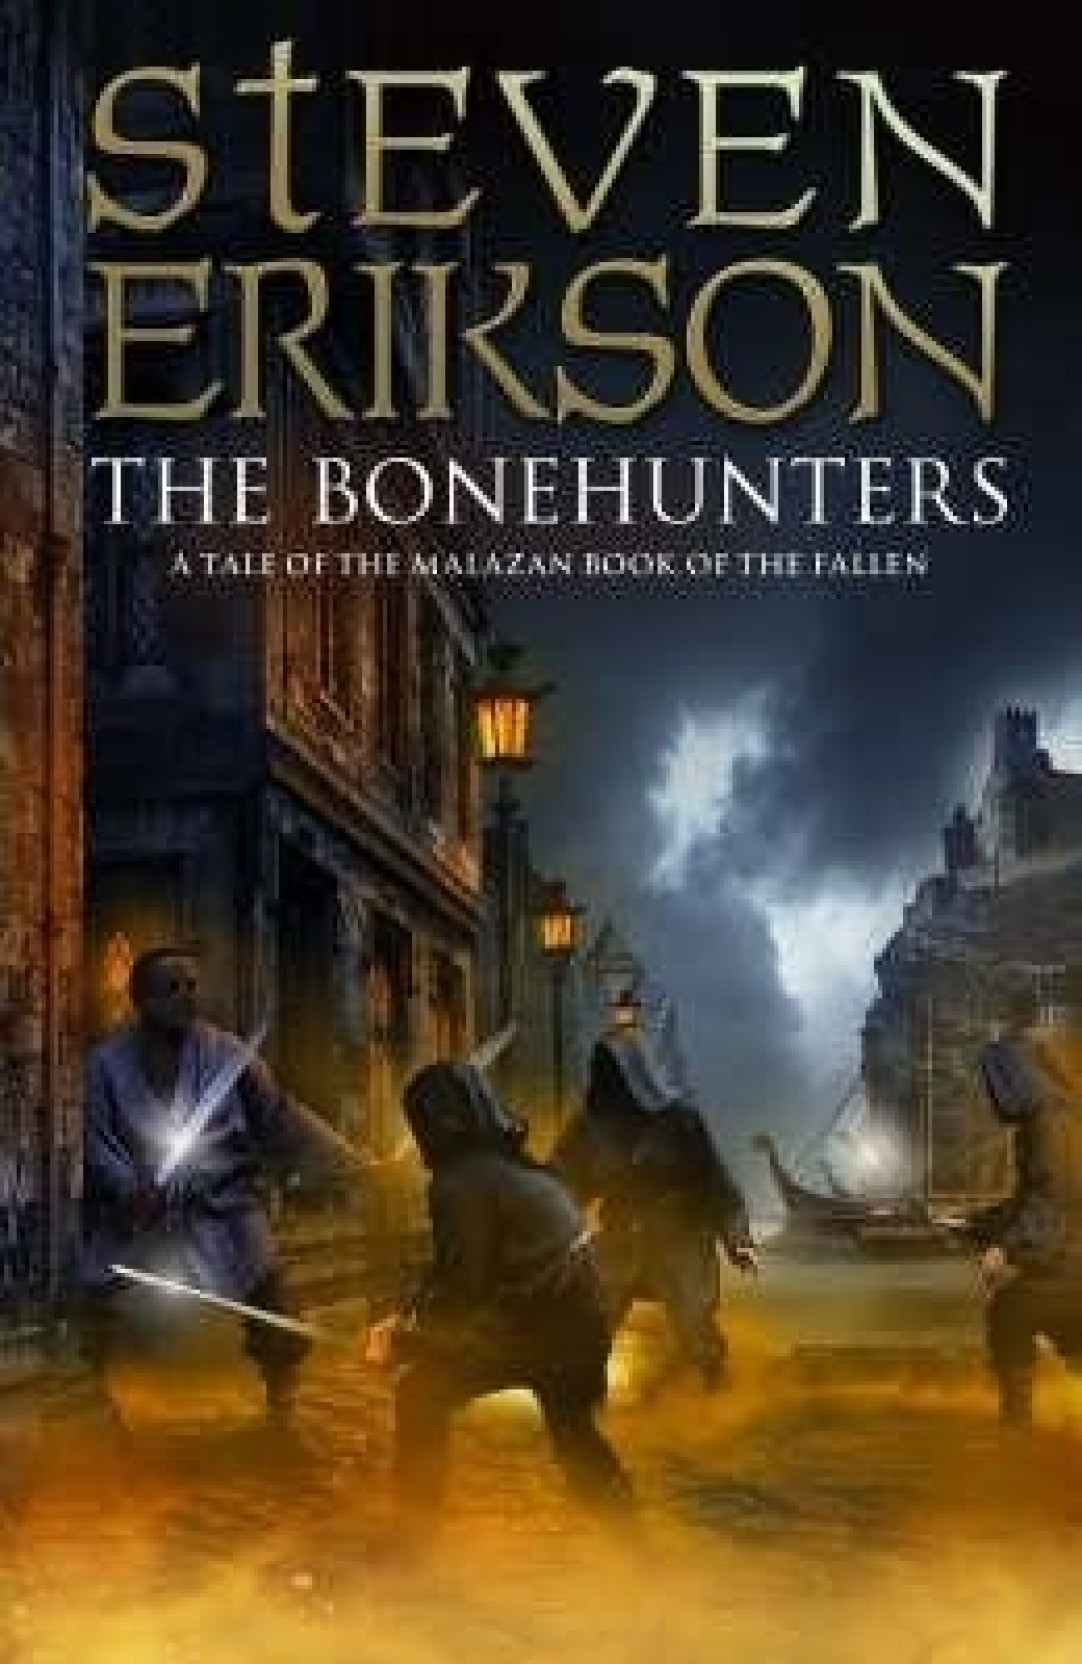 The Bonehunters (Malazan Book 6). Share